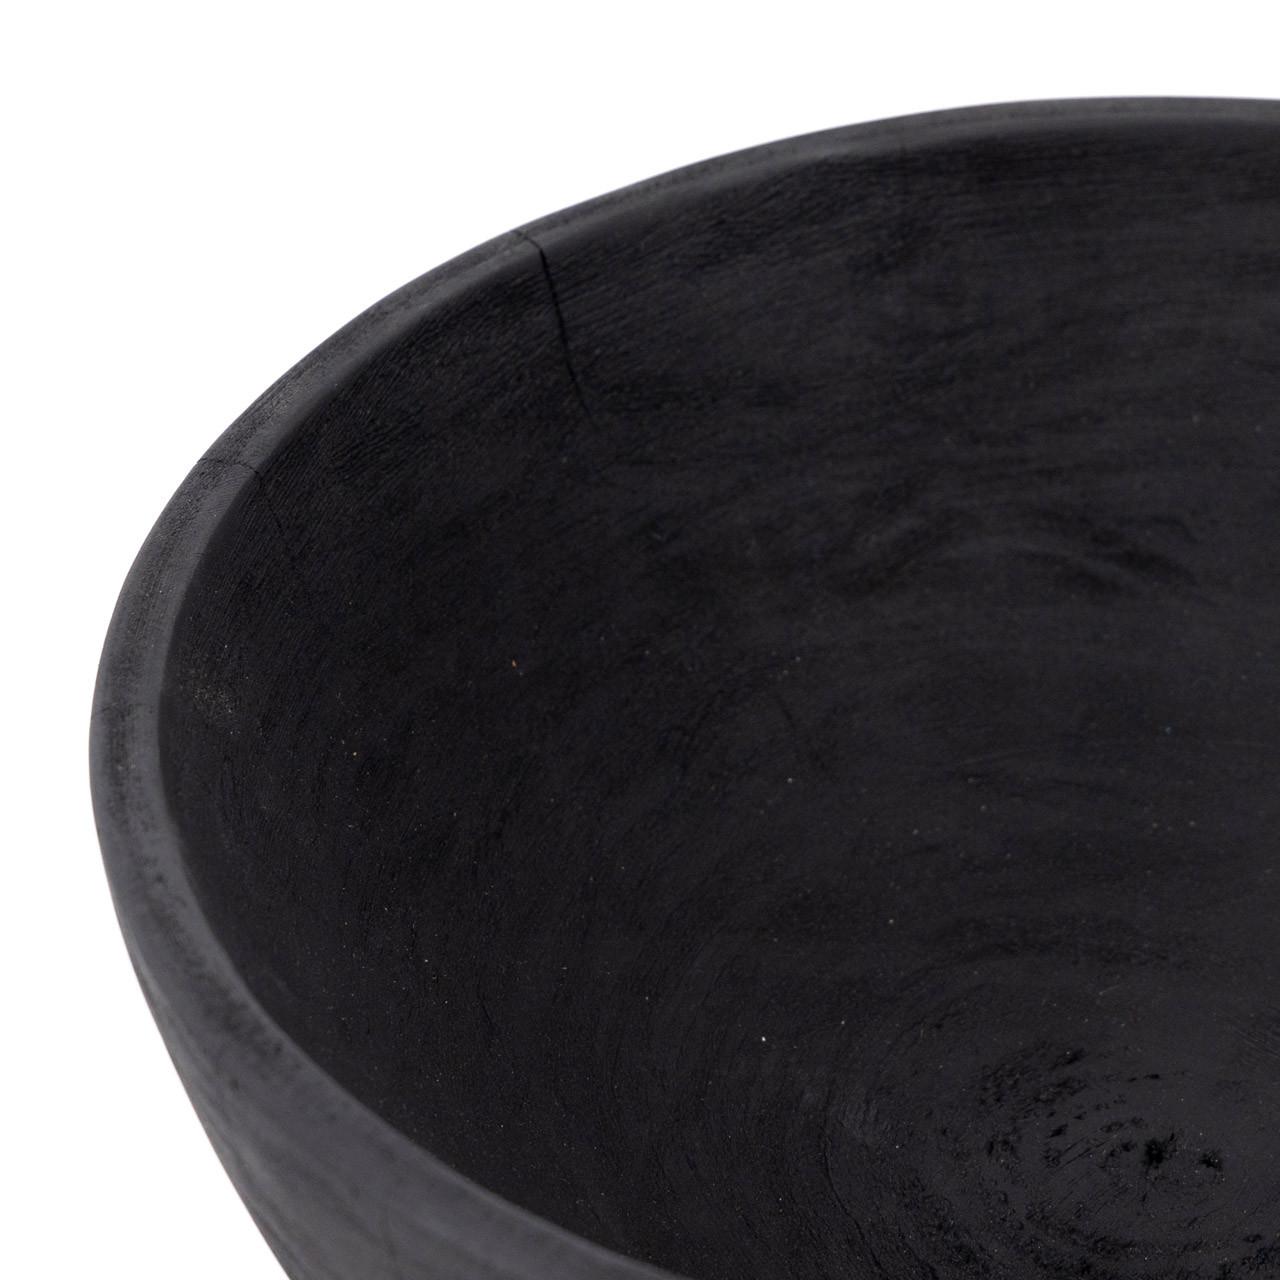 Tate Pedestal Bowl